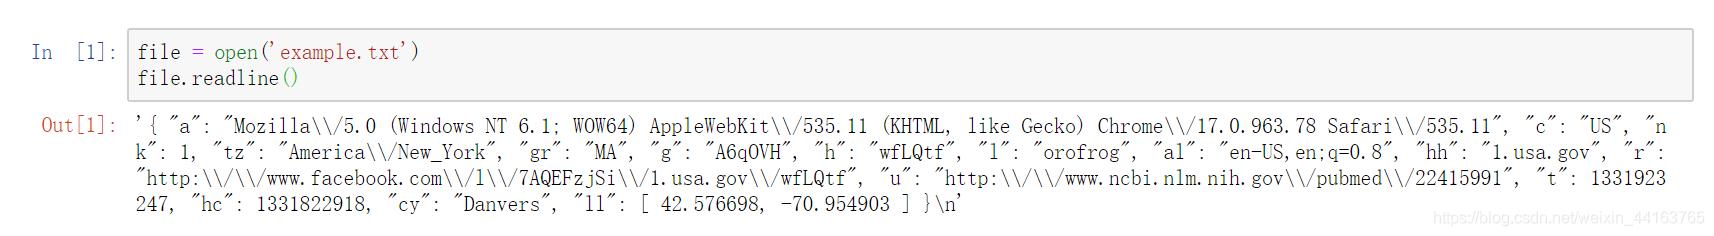 数据格式是JSON